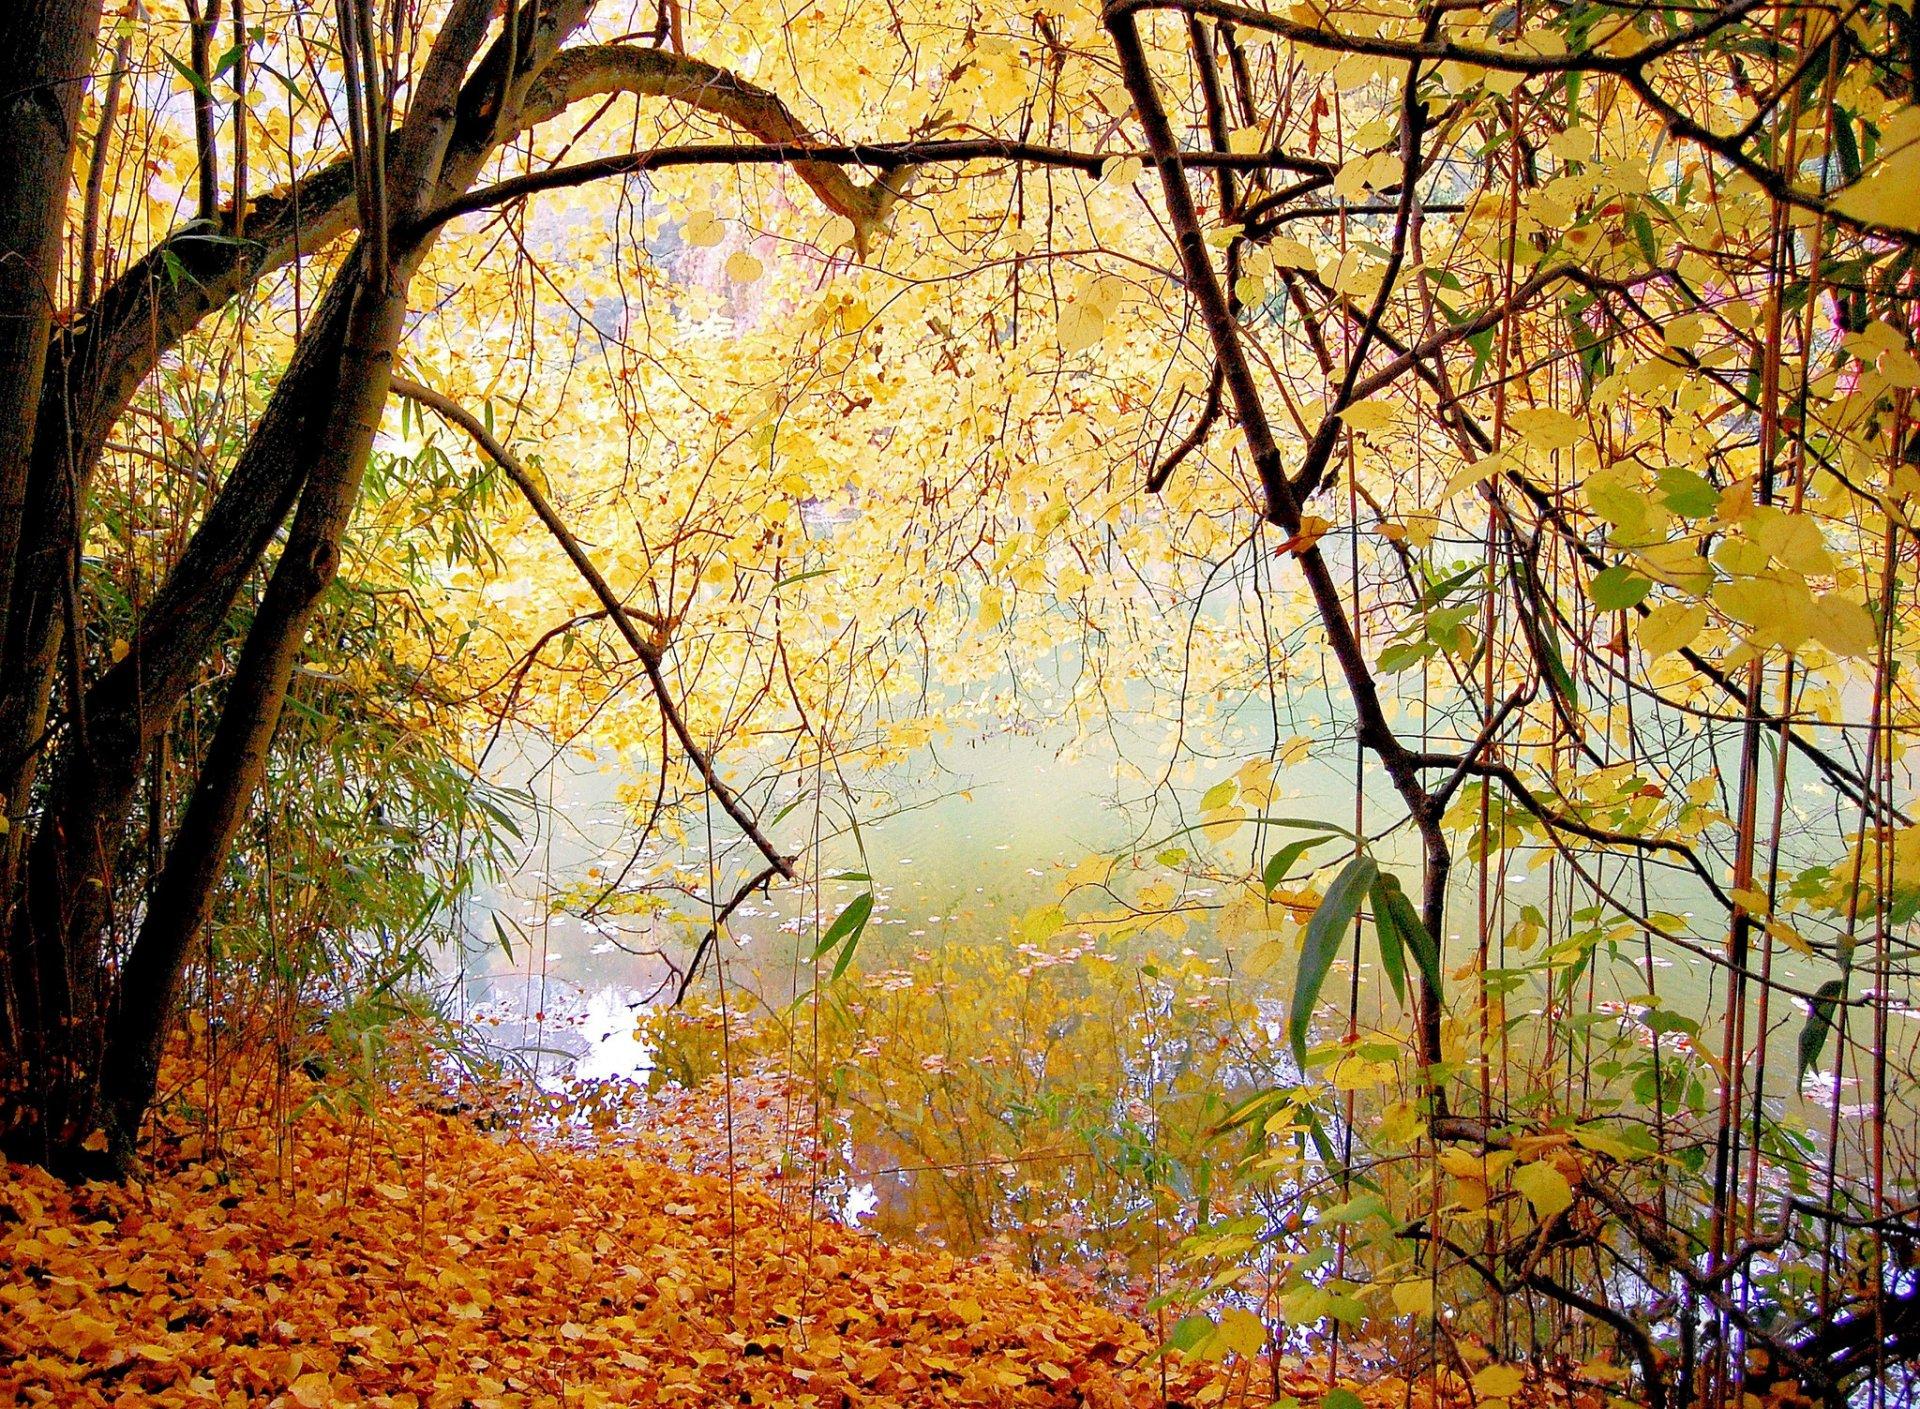 осень озеро деревья листья бесплатно